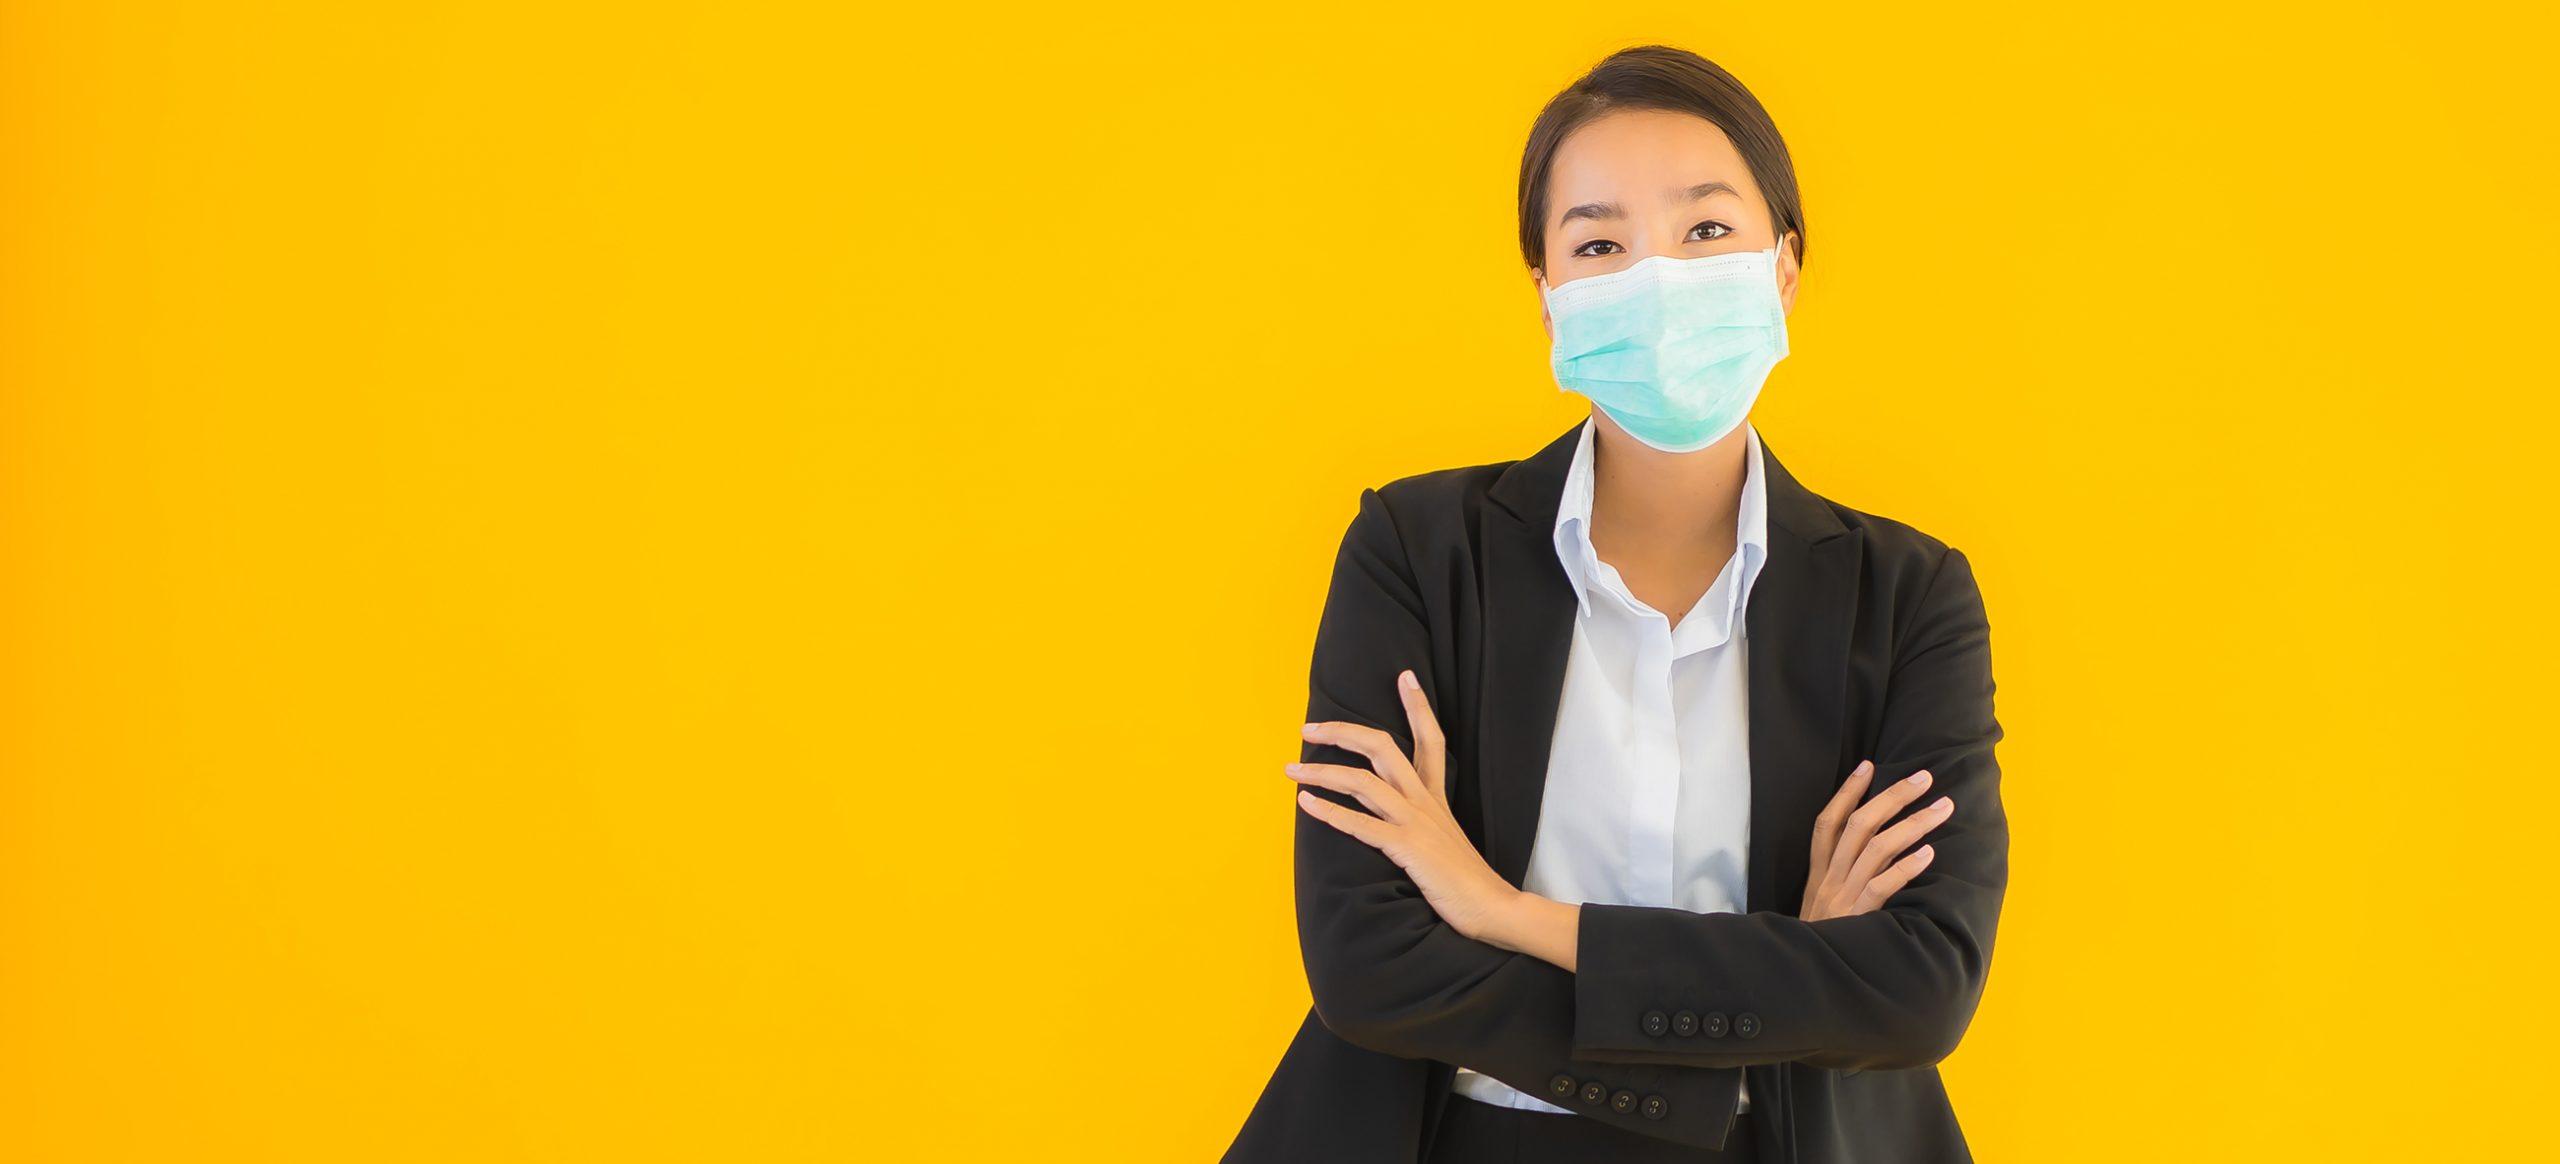 5 dicas para conseguir emprego na pandemia